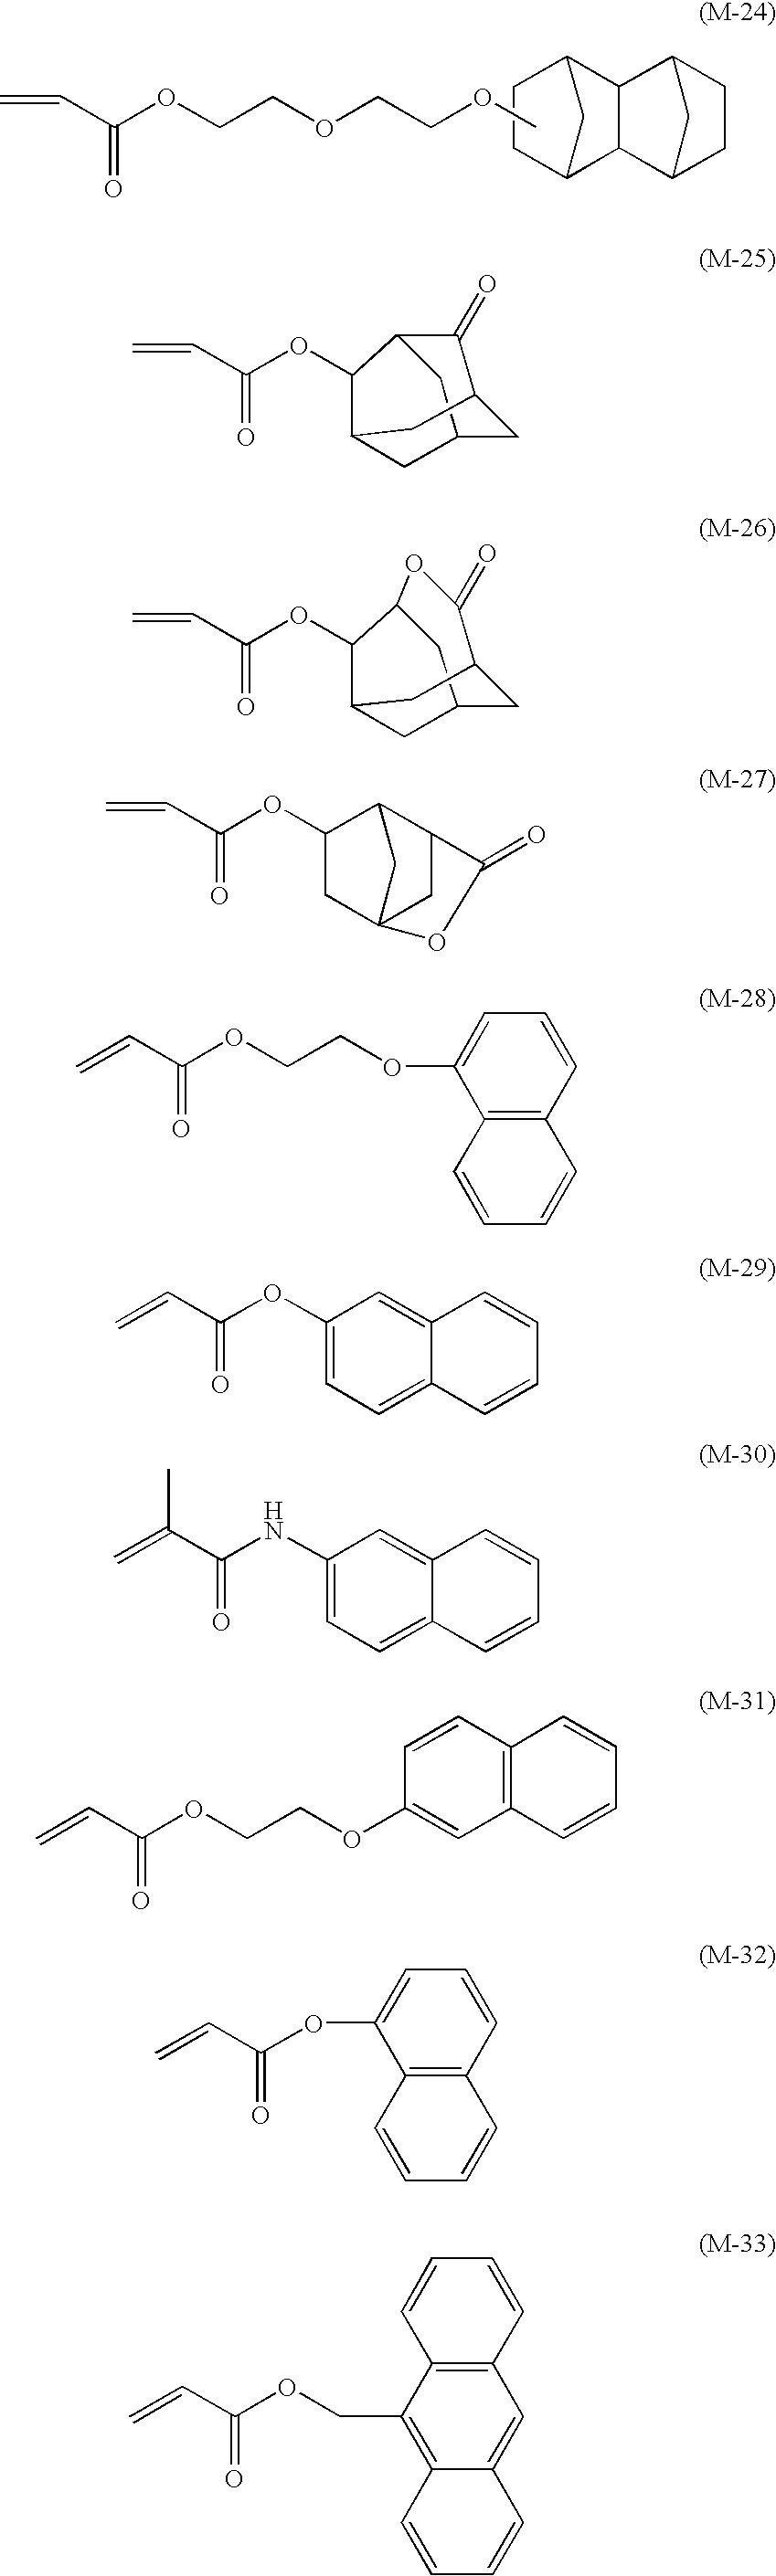 Figure US20090244116A1-20091001-C00011